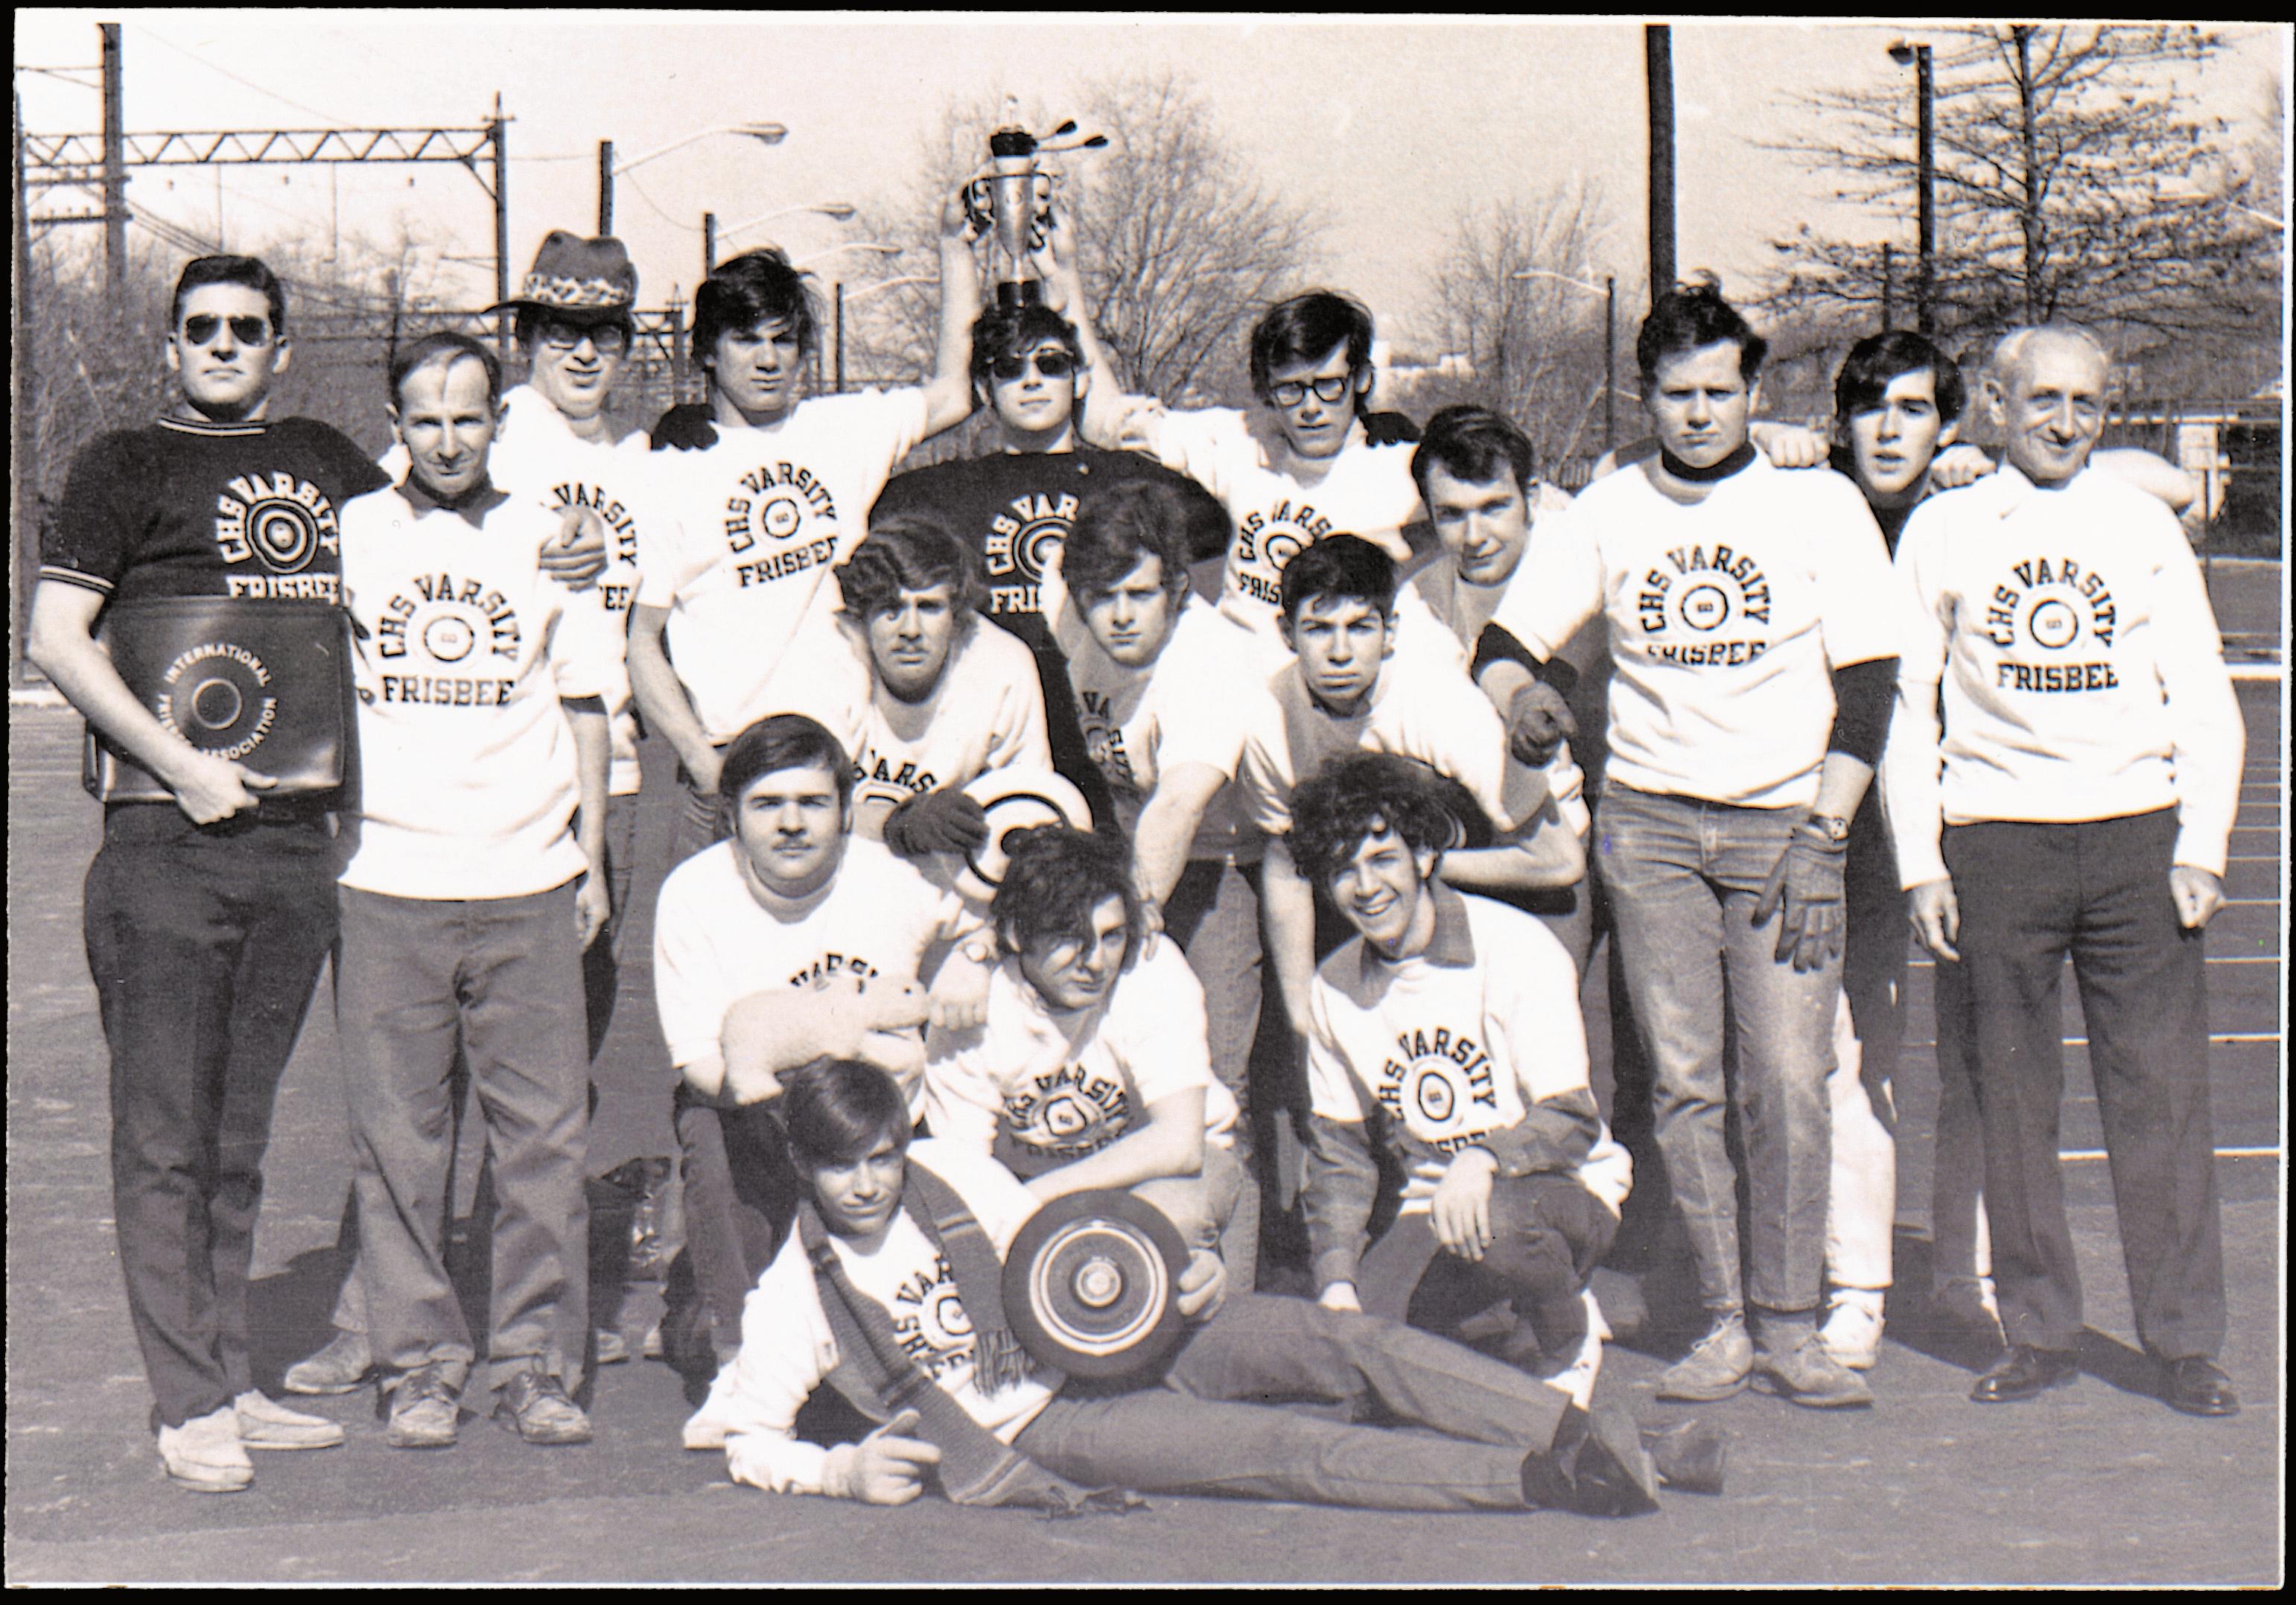 '70 CHS Frisbee Team